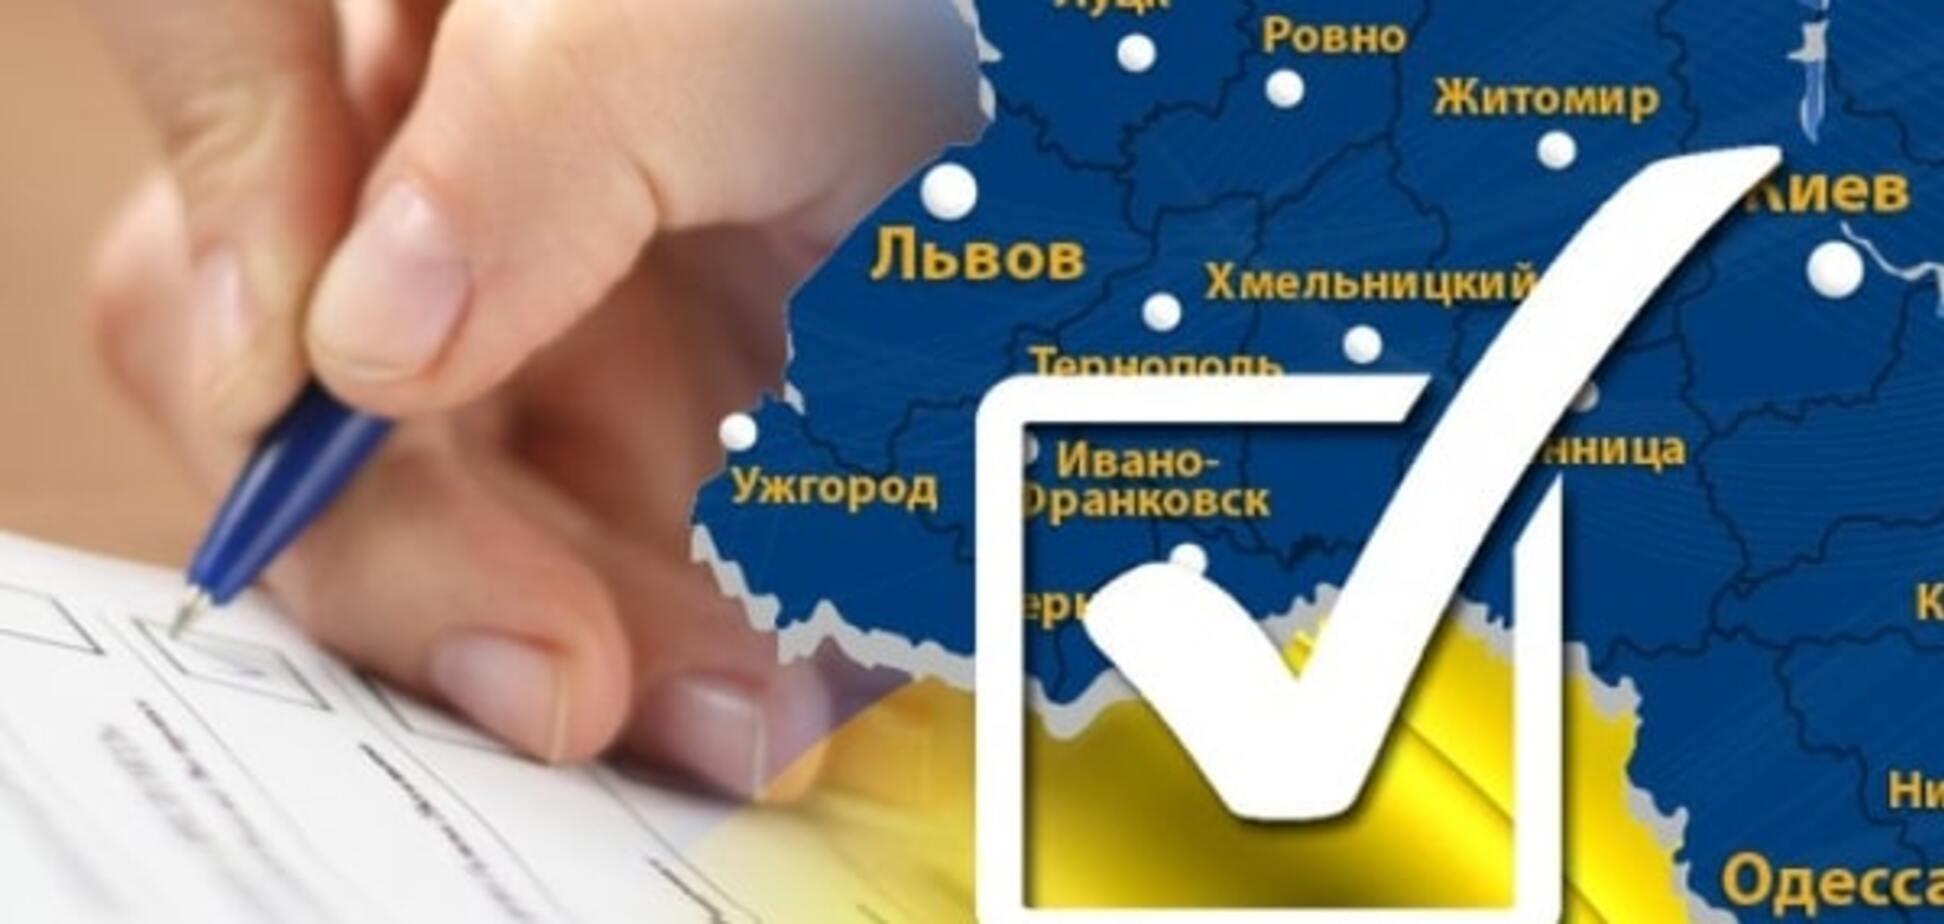 ЦВК назвала 'гарячі точки' на мапі України перед виборами